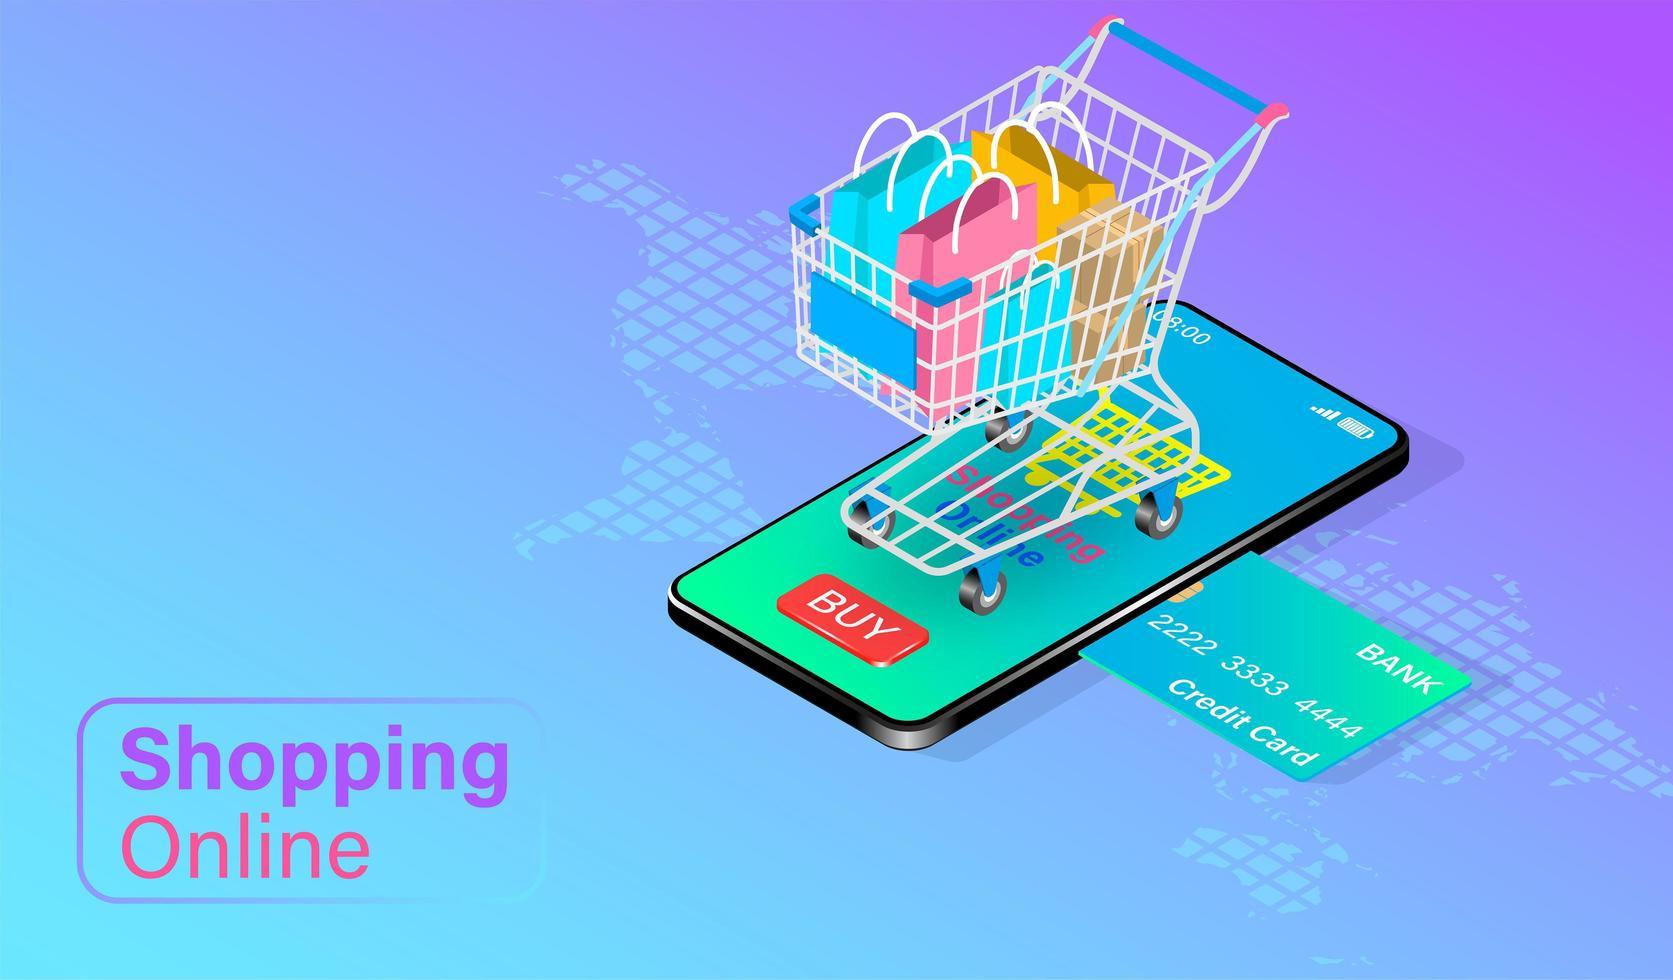 concepto de compras en línea con carrito en el teléfono móvil vector